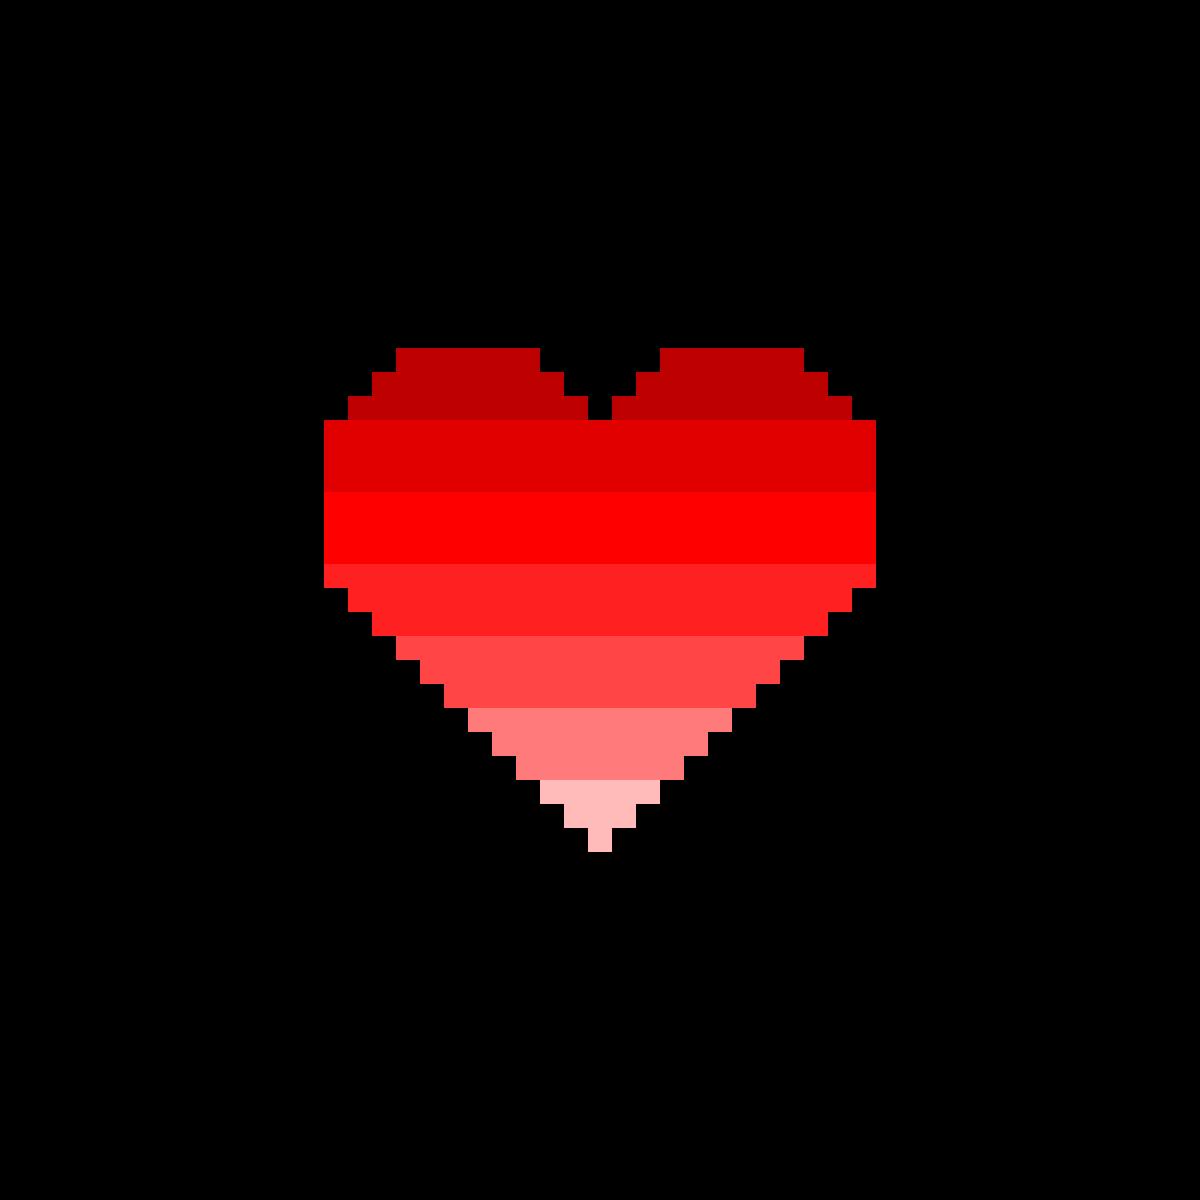 heart1 by FunStuff